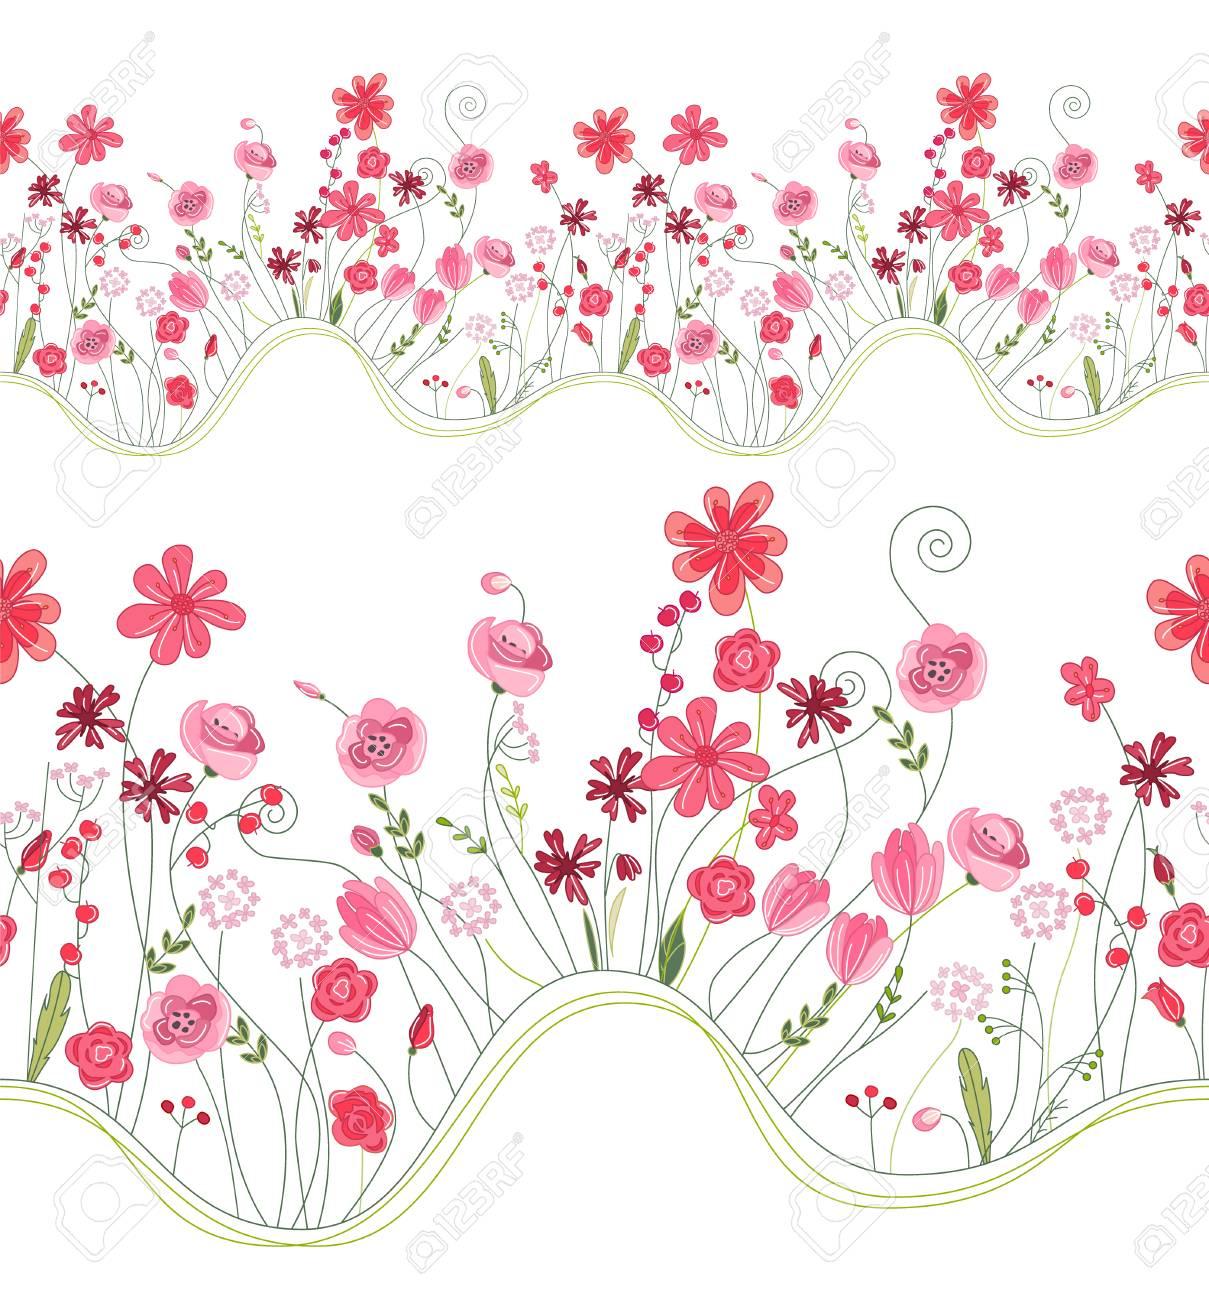 Motif Brosse Transparente Avec Fleurs Stylisées Dété Vives Texture Horizontale Sans Fin Couleurs Rose Et Rouge